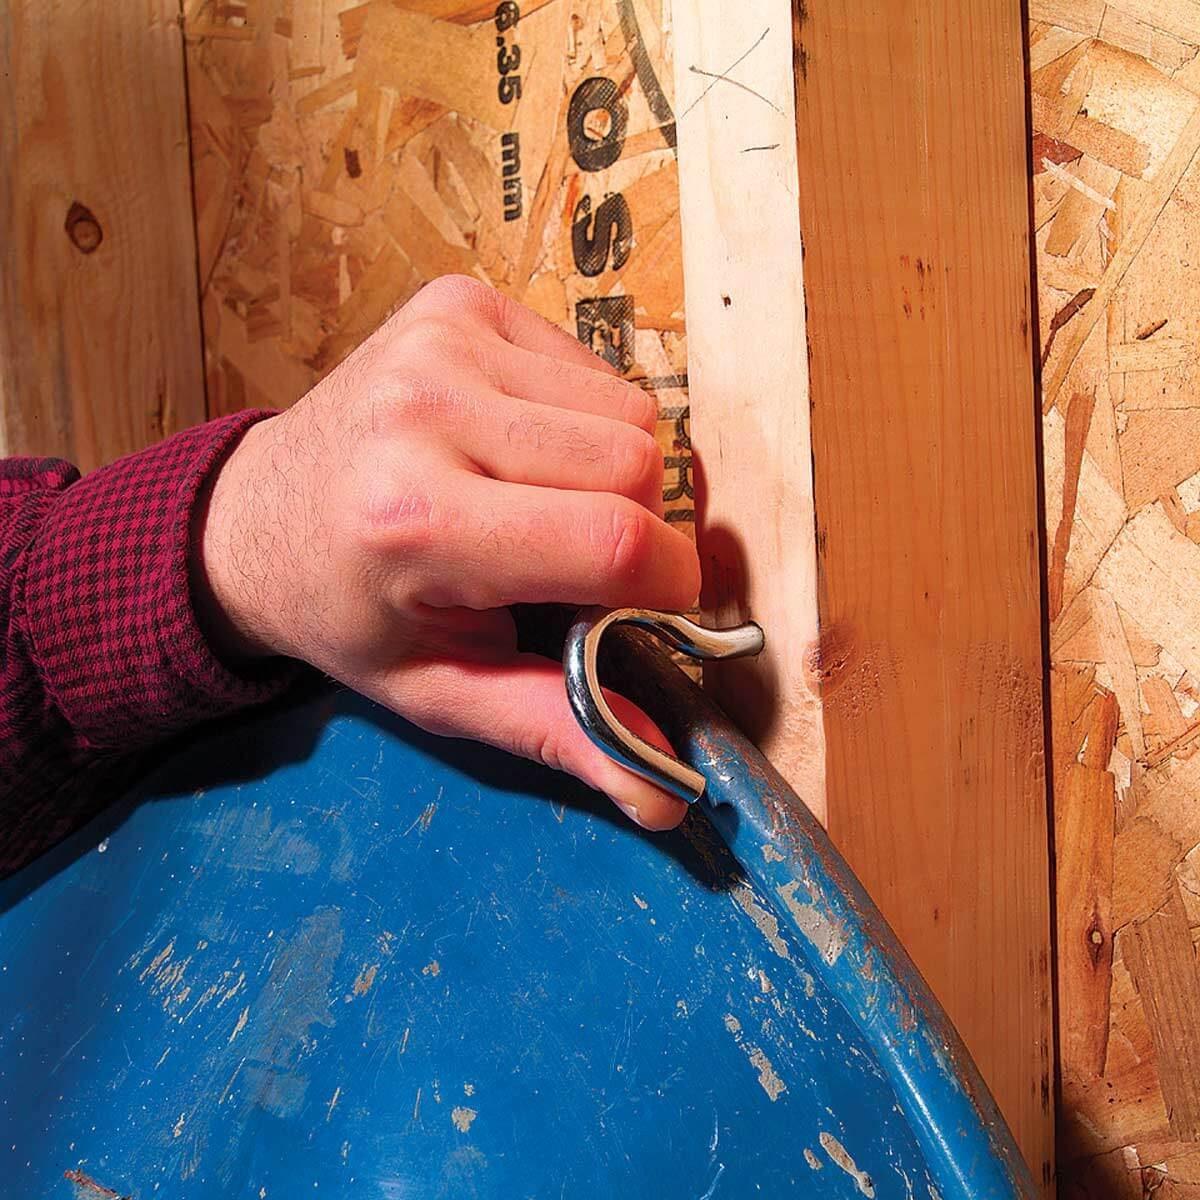 FH04MAR_03251_00 ceiling hook wheelbarrow rack